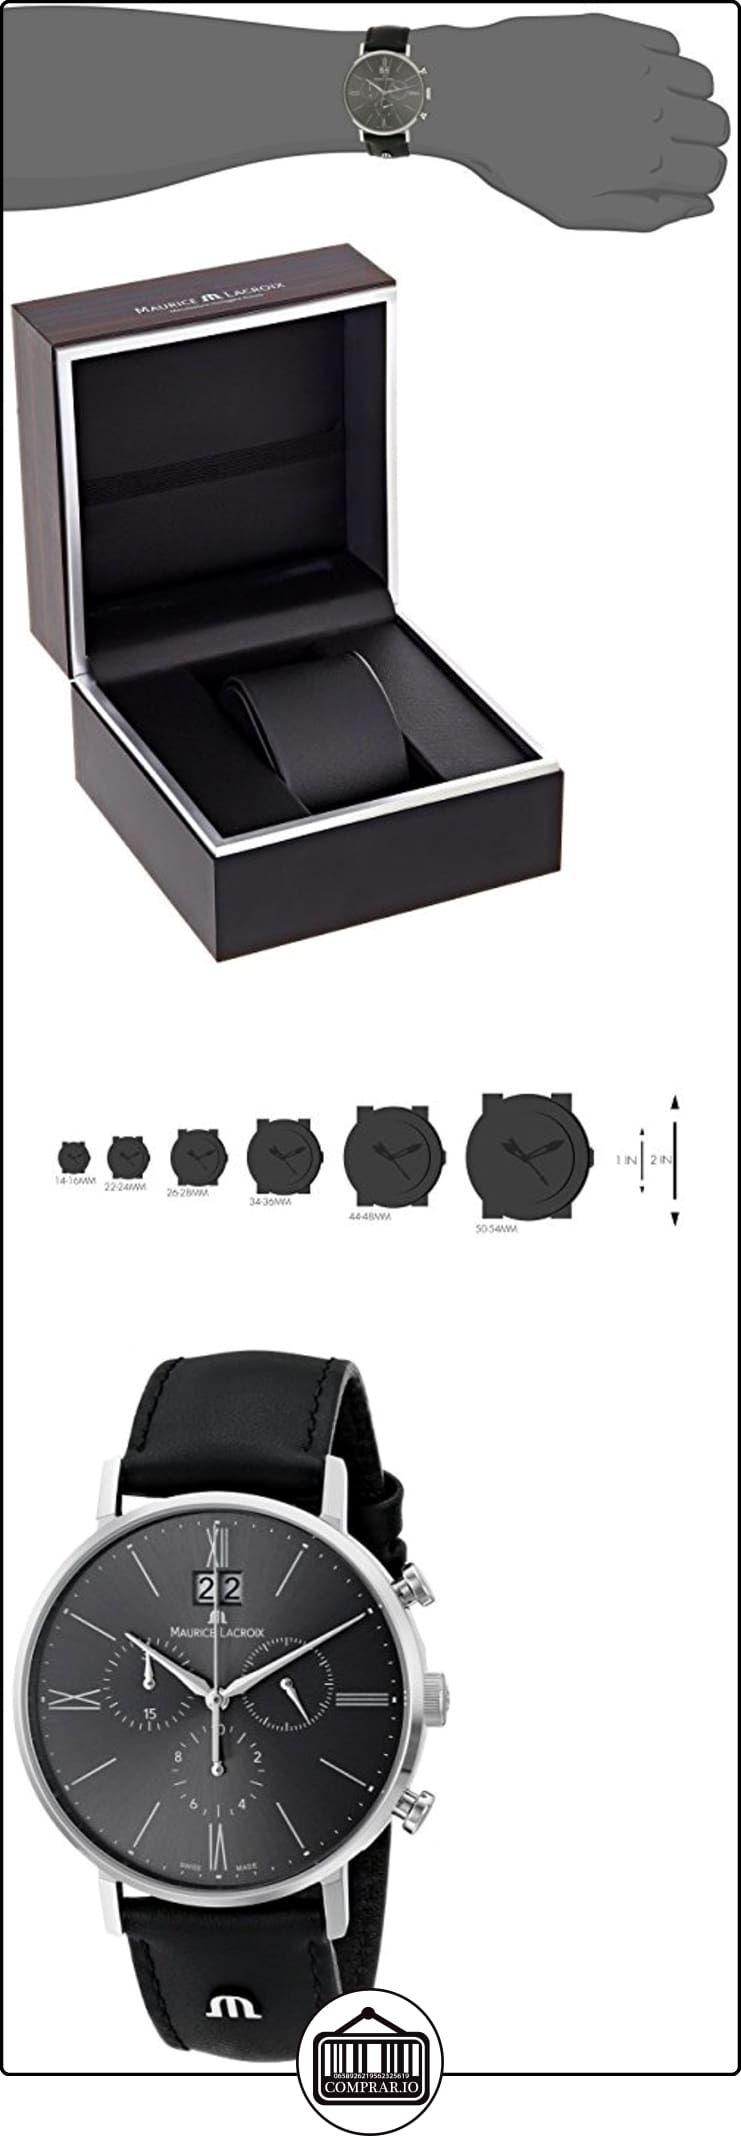 Maurice Lacroix de cuero de los hombres el1088 - SS001 -810 Eliros animación analógico de cuarzo reloj de pulsera  ✿ Relojes para hombre - (Lujo) ✿